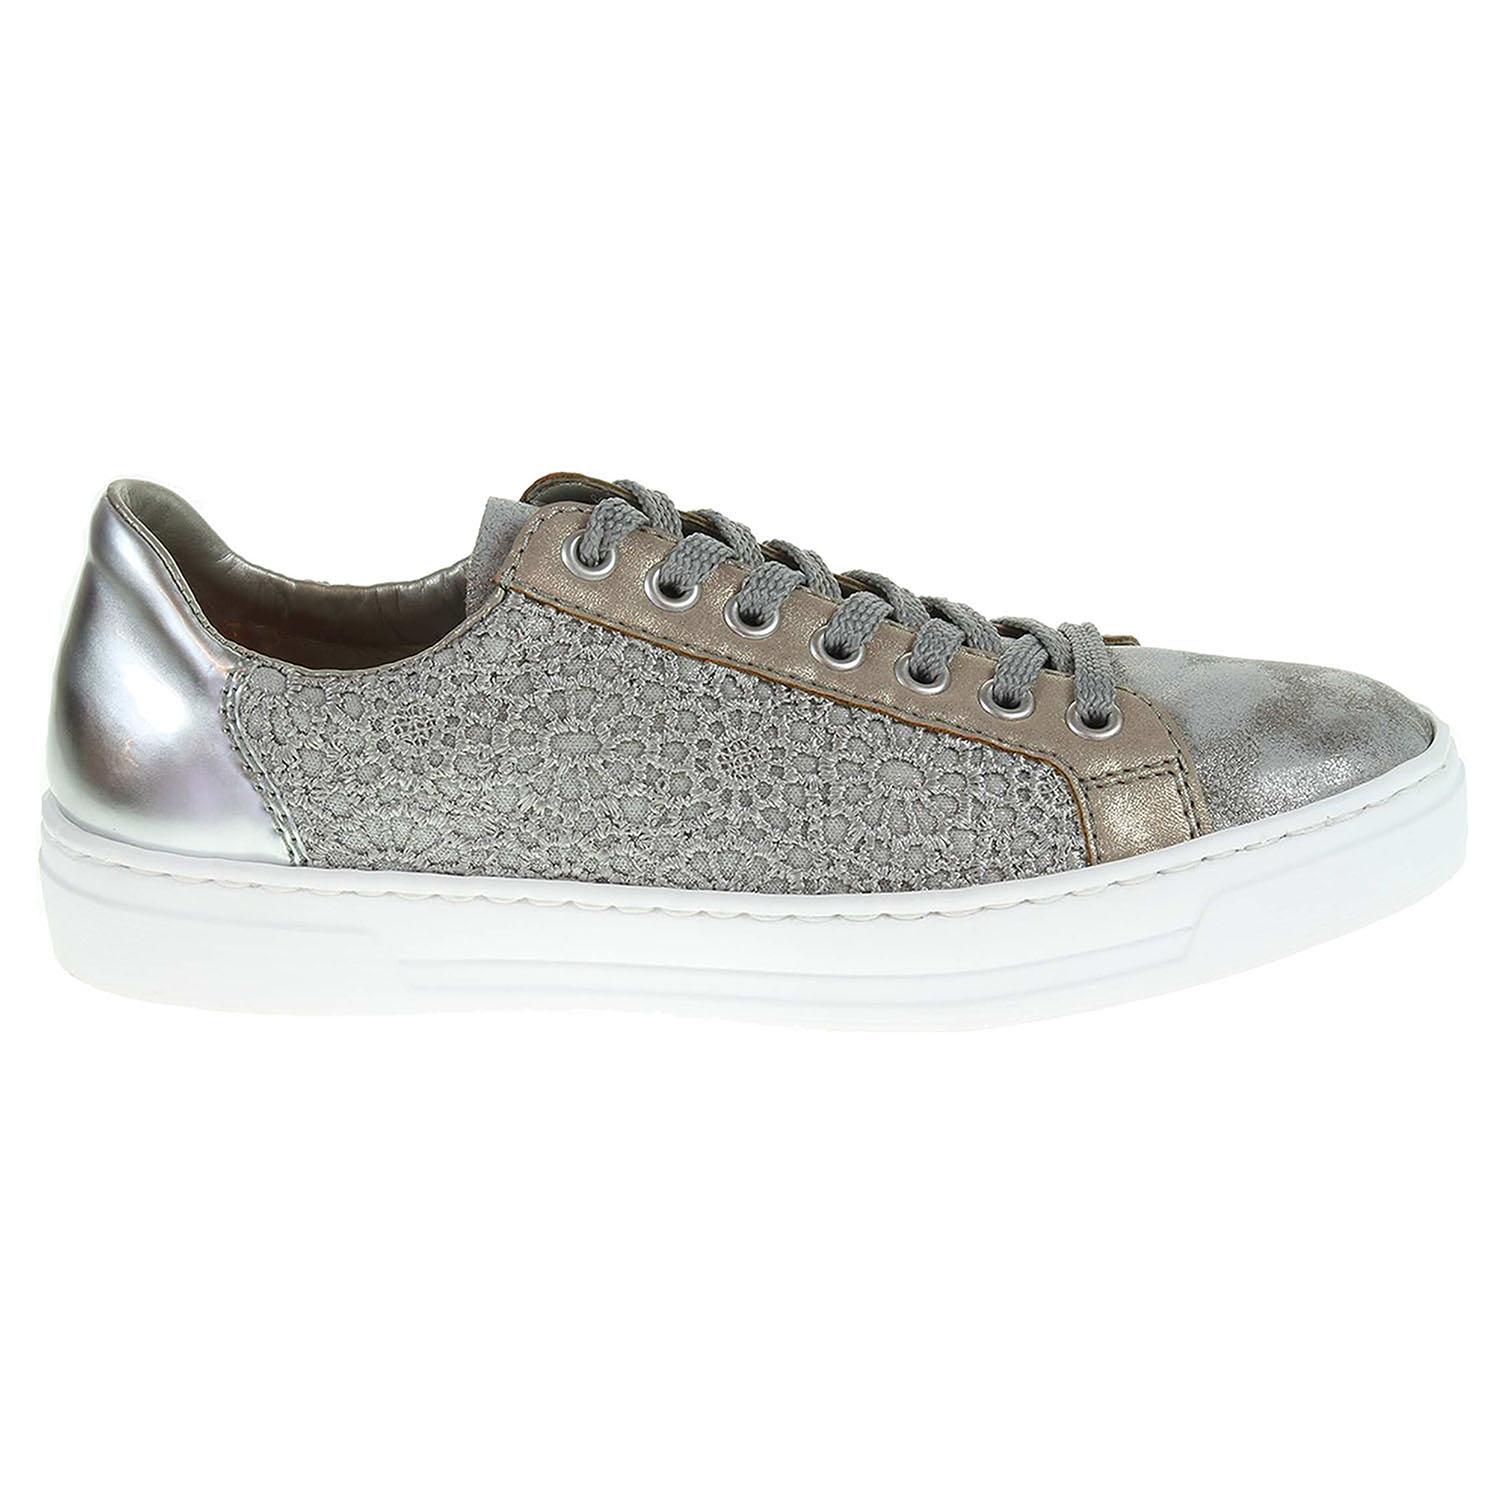 Ecco Rieker dámská obuv L8514-41 šedá 23200594 219296b9f33